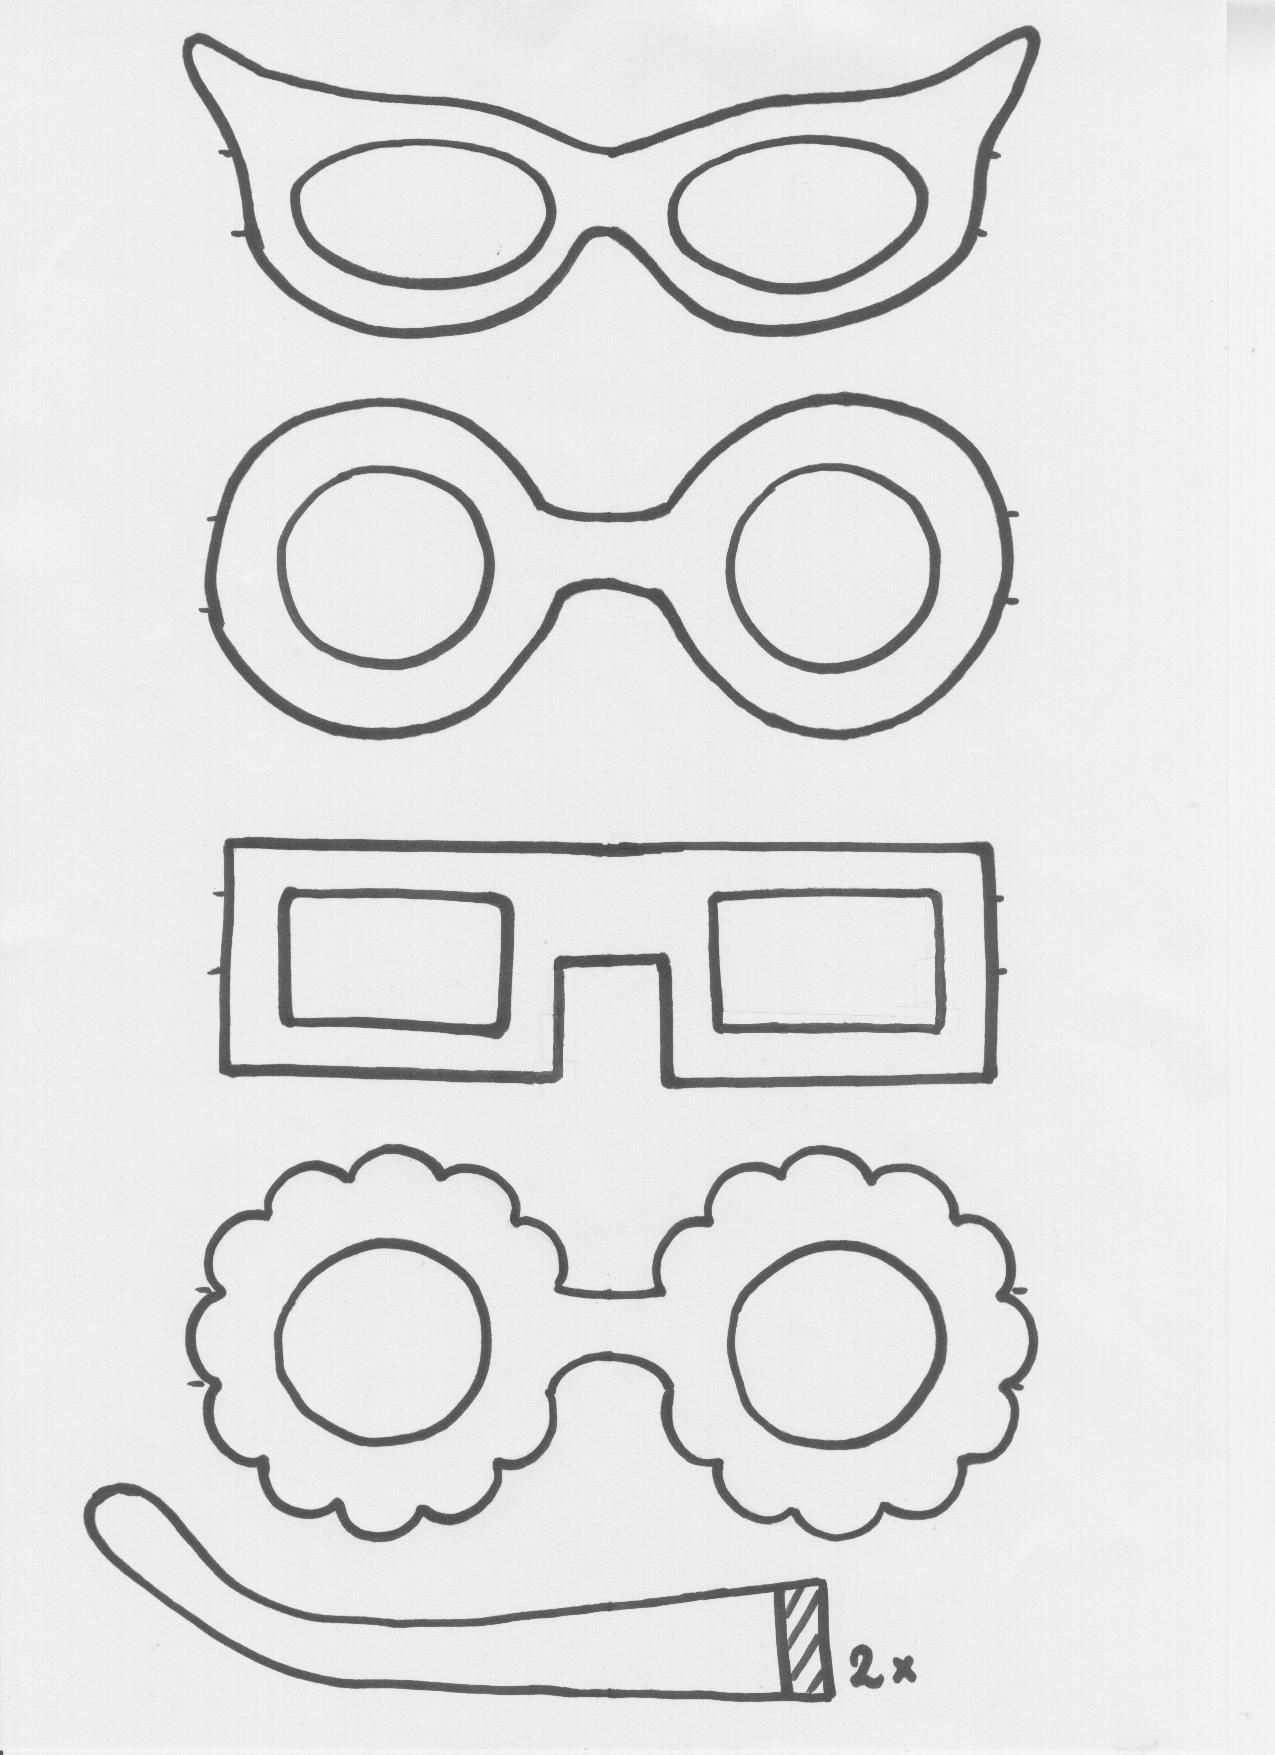 Gekke Brillen Als Attribuut Bijbelknutselwerk Kleurplaten Thema